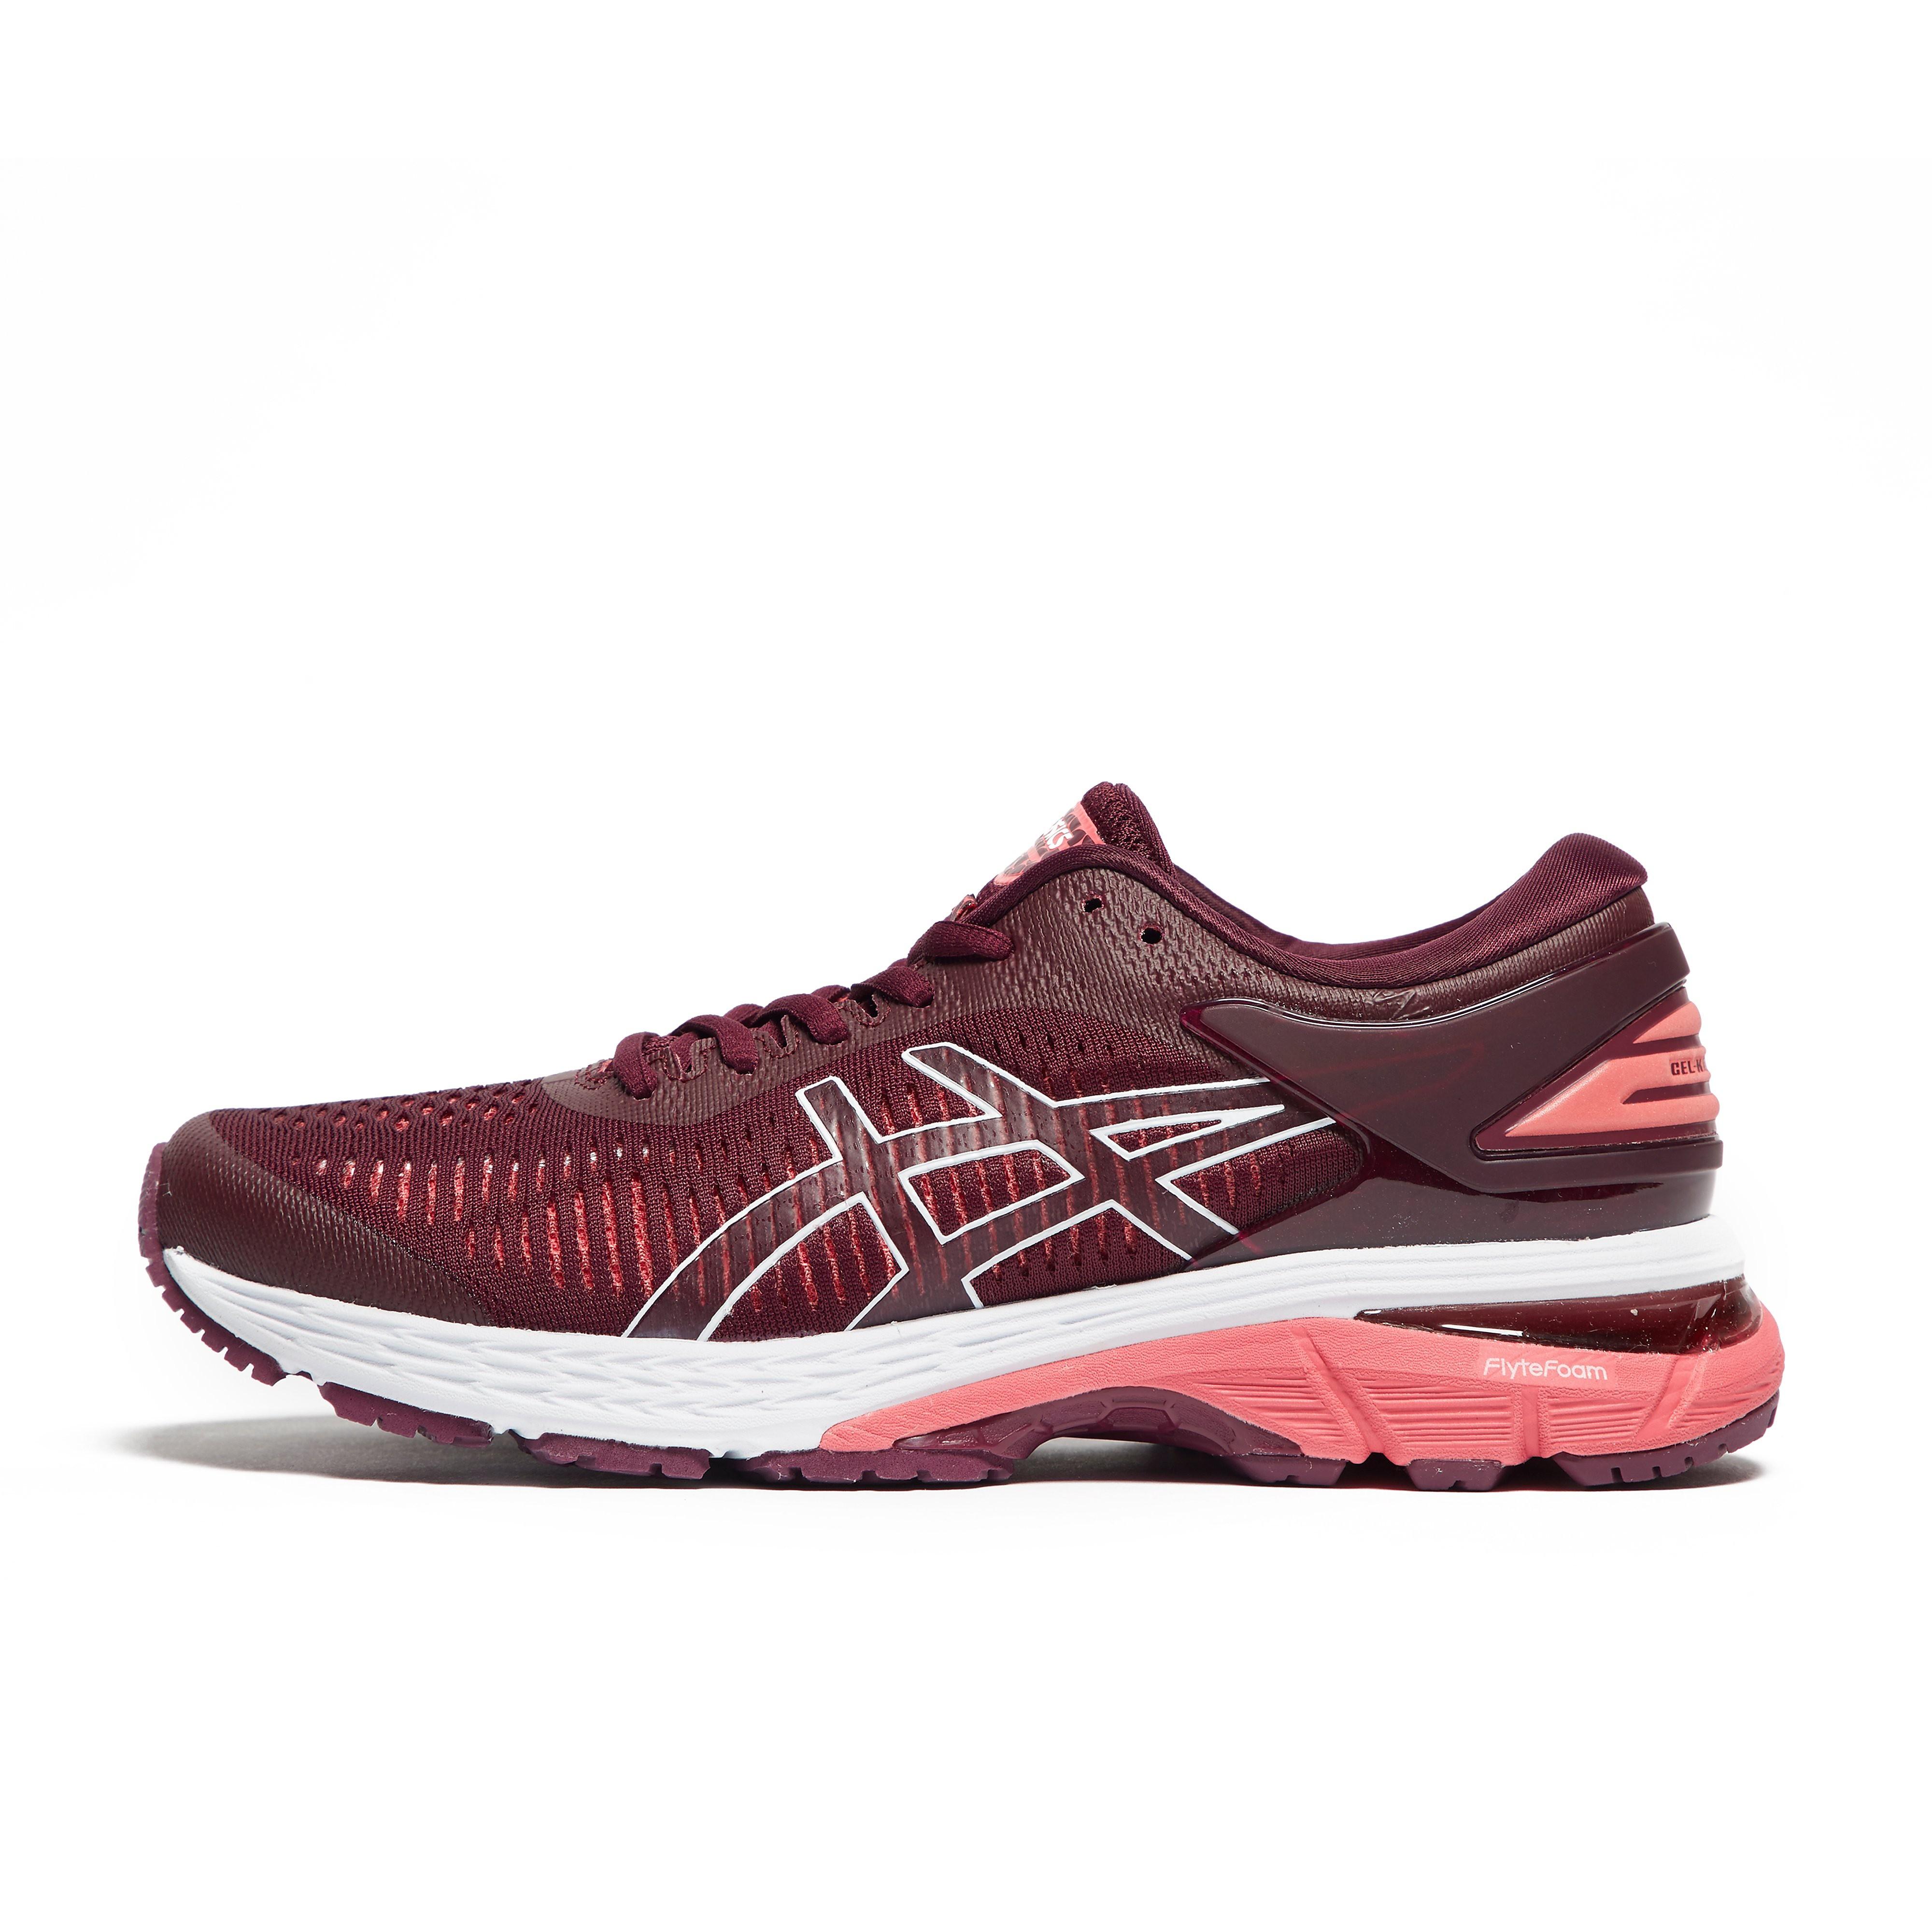 Womens Pink ASICS Gel-Kayano 25 Running Shoes